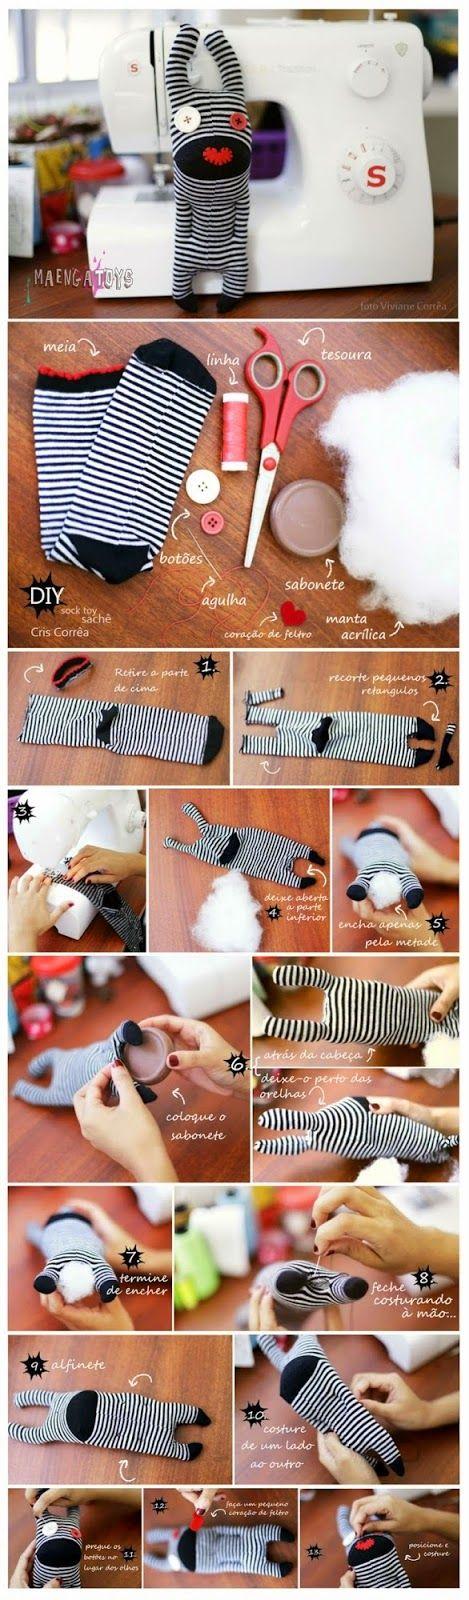 donneinpink - risparmio e fai da te : Riciclo calzini colorati- Come fare pupazzi riciclando calzini- Upcycle socks DIY